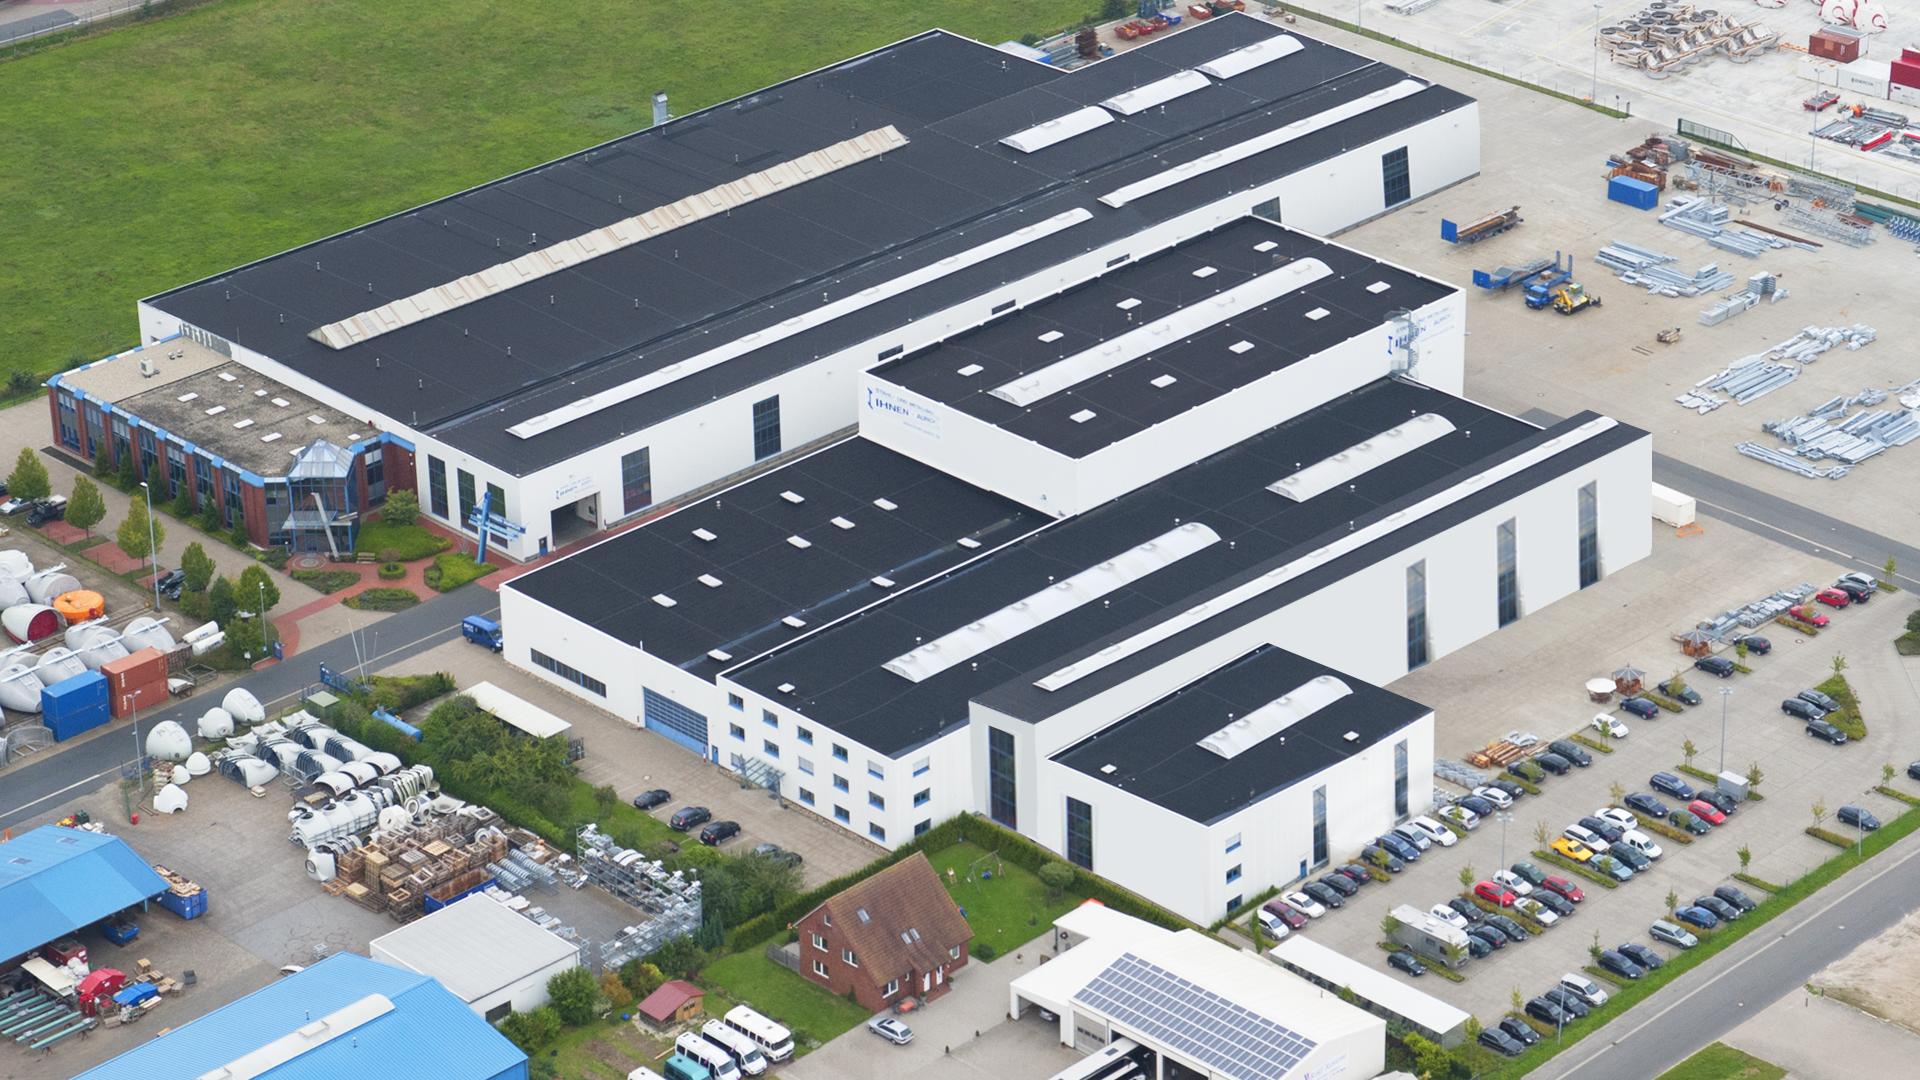 200812_Luftbild_diag_13-01-18 Ihnen Aurich Unternehmenspräsentation.jpg – Stahl- und Metallbau Ihnen GmbH & Co. KG